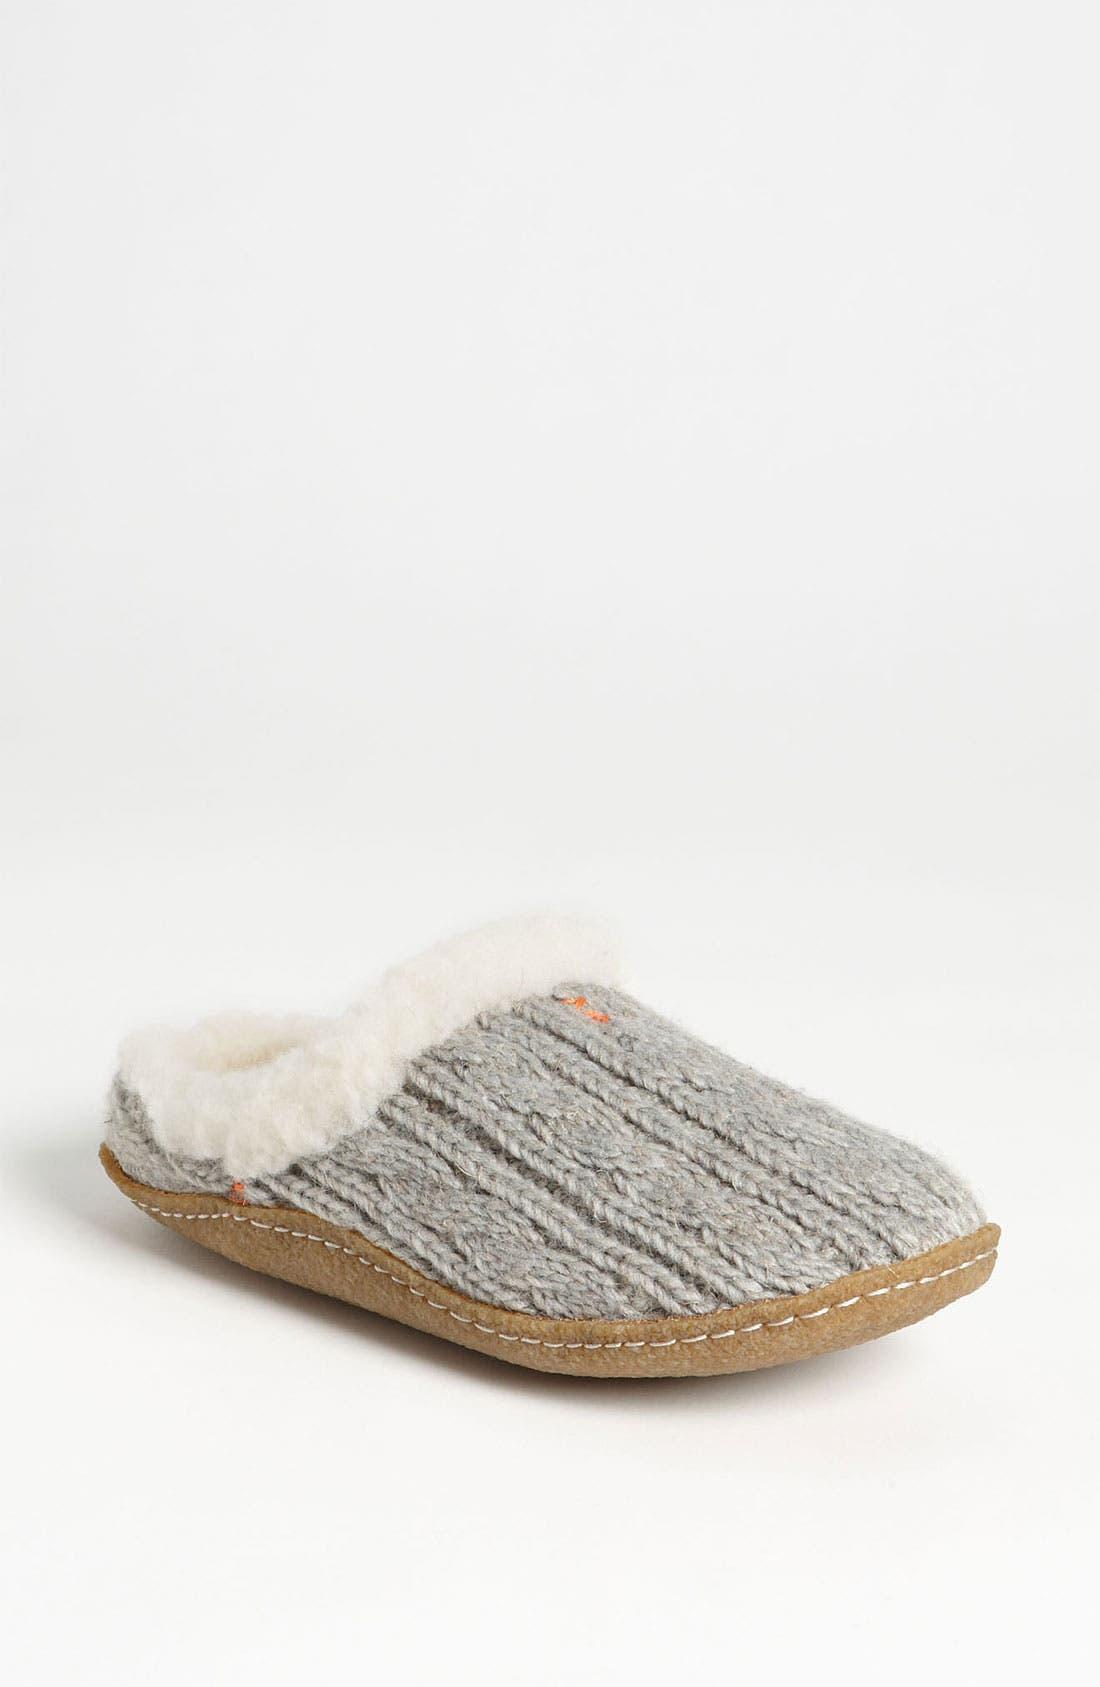 Alternate Image 1 Selected - SOREL 'Nakiska' Knit Slipper (Women)